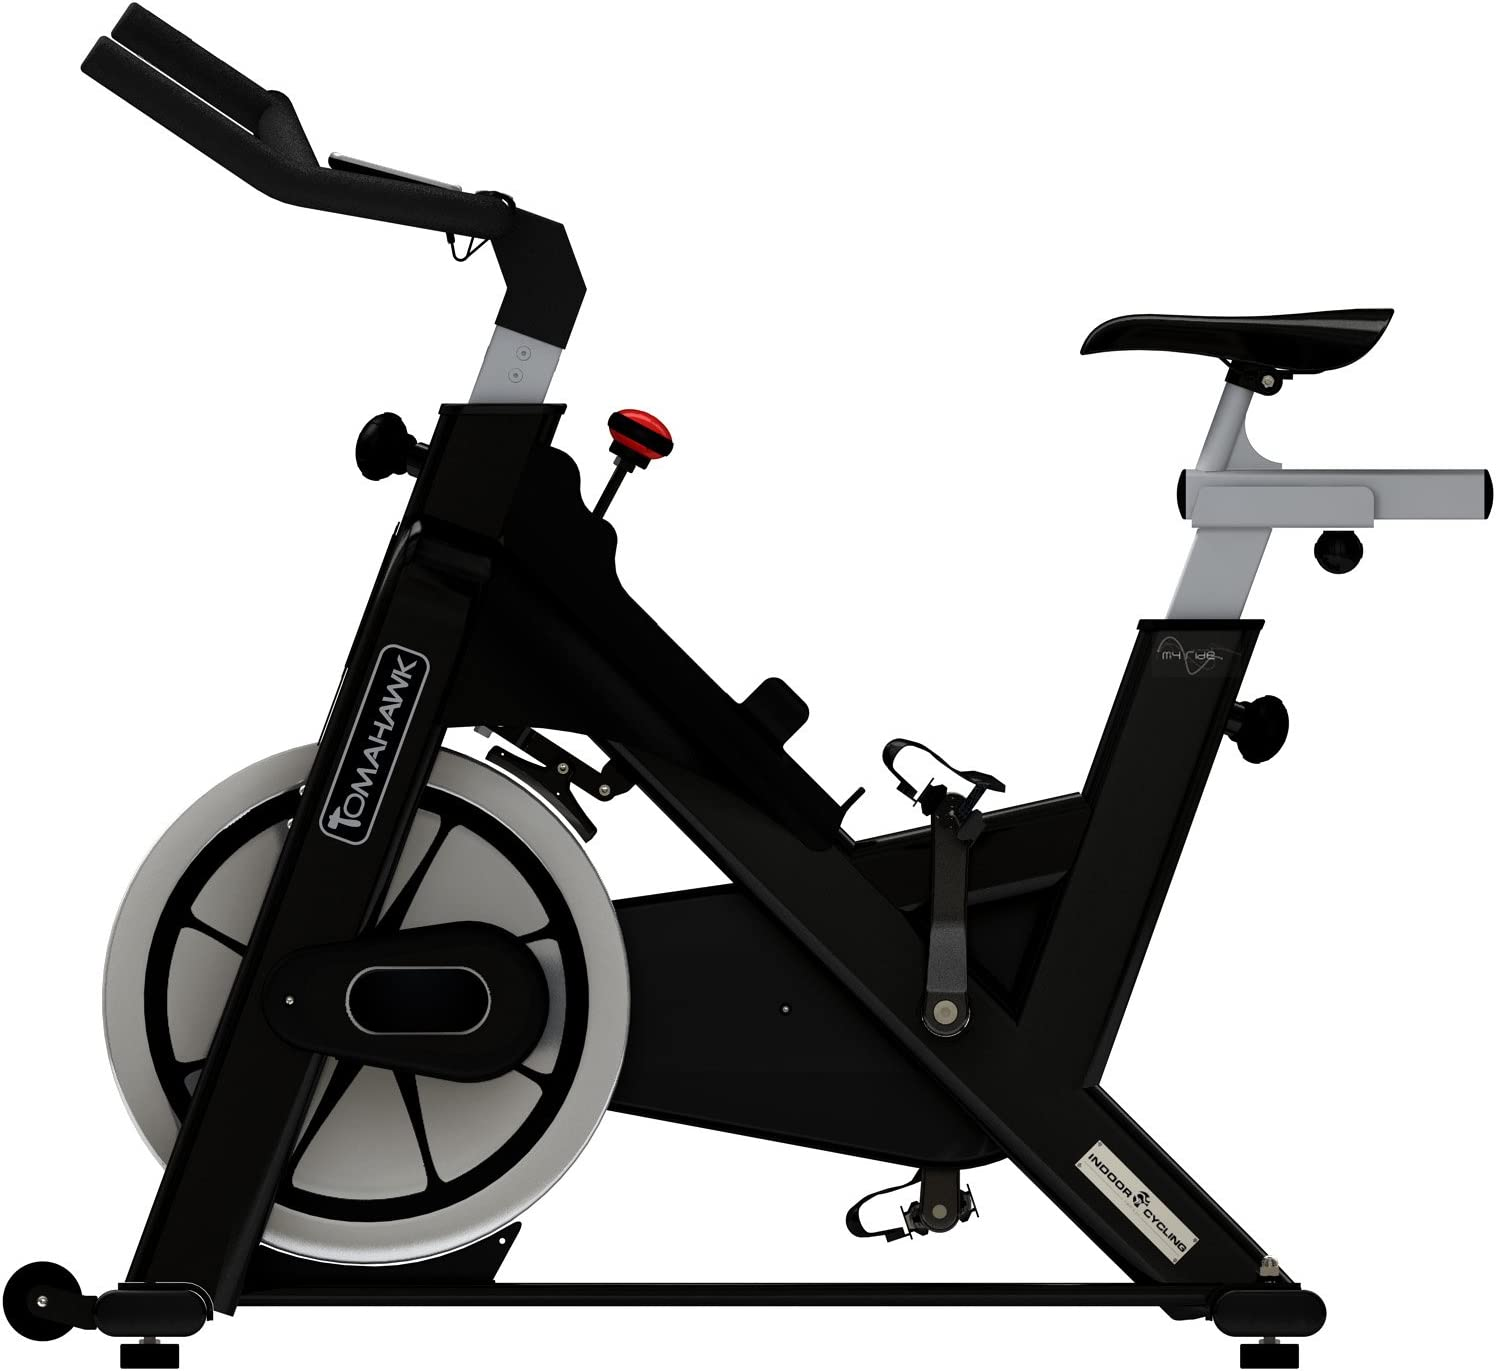 Bicicleta estática scharade MyRide bicicletas: Amazon.es: Deportes y aire libre